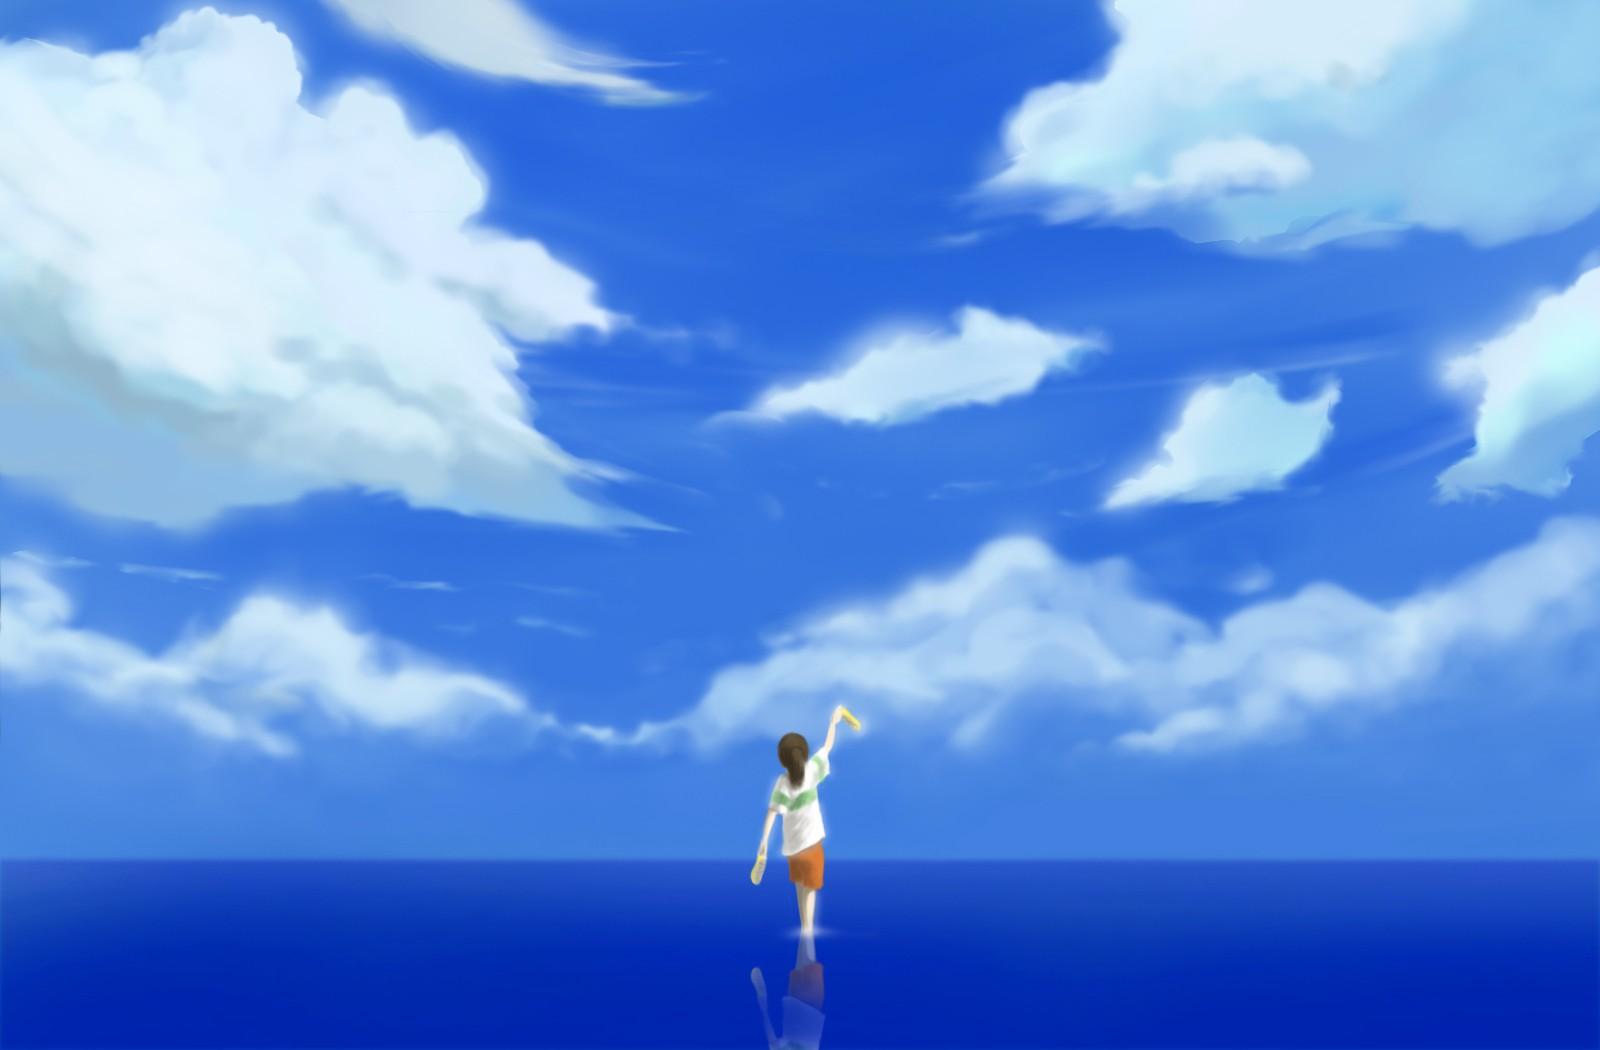 デスクトップ壁紙 日光 アニメ 空 神隠し 地平線 スタジオ